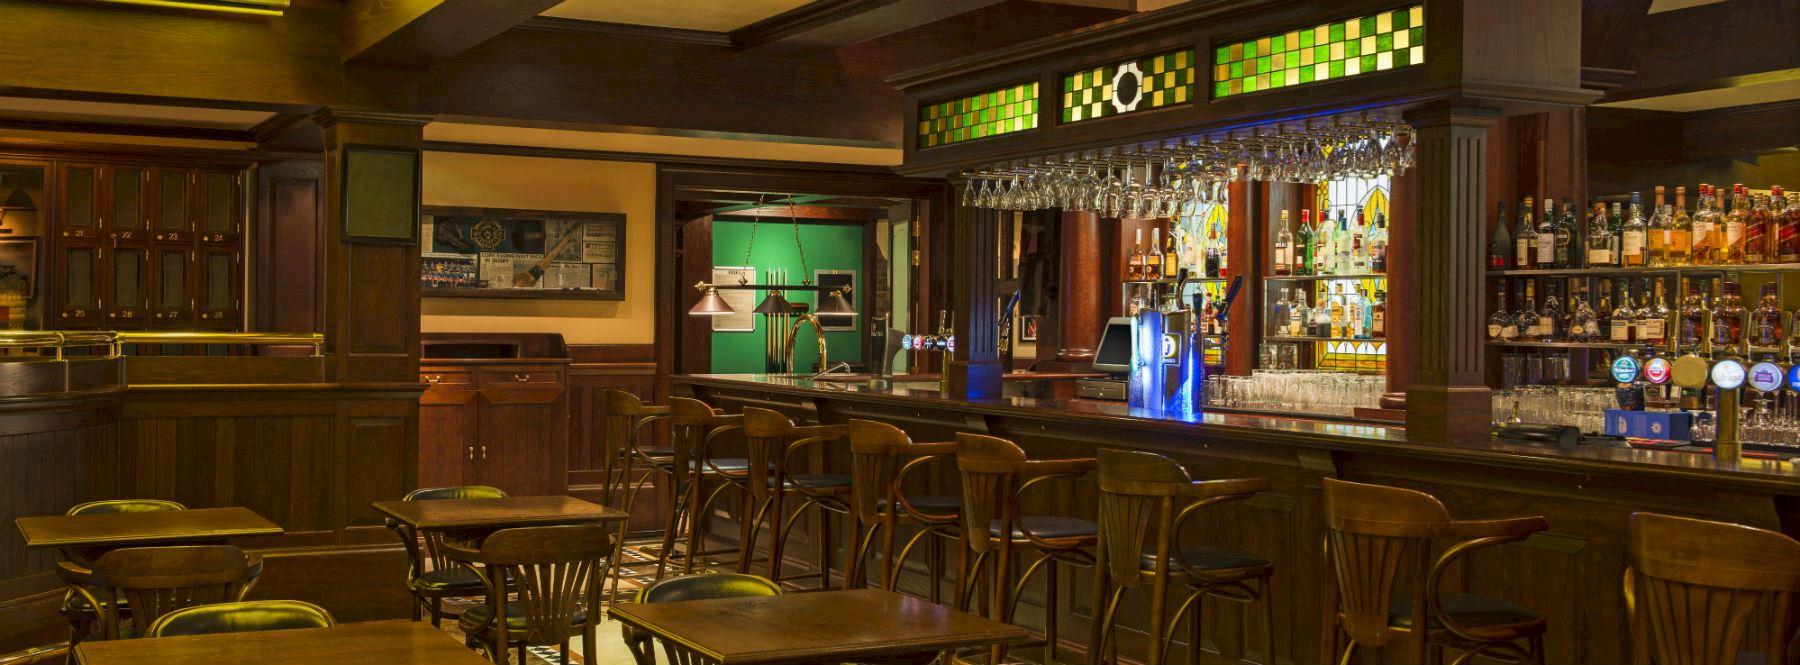 Yesterday Restaurant & Pub